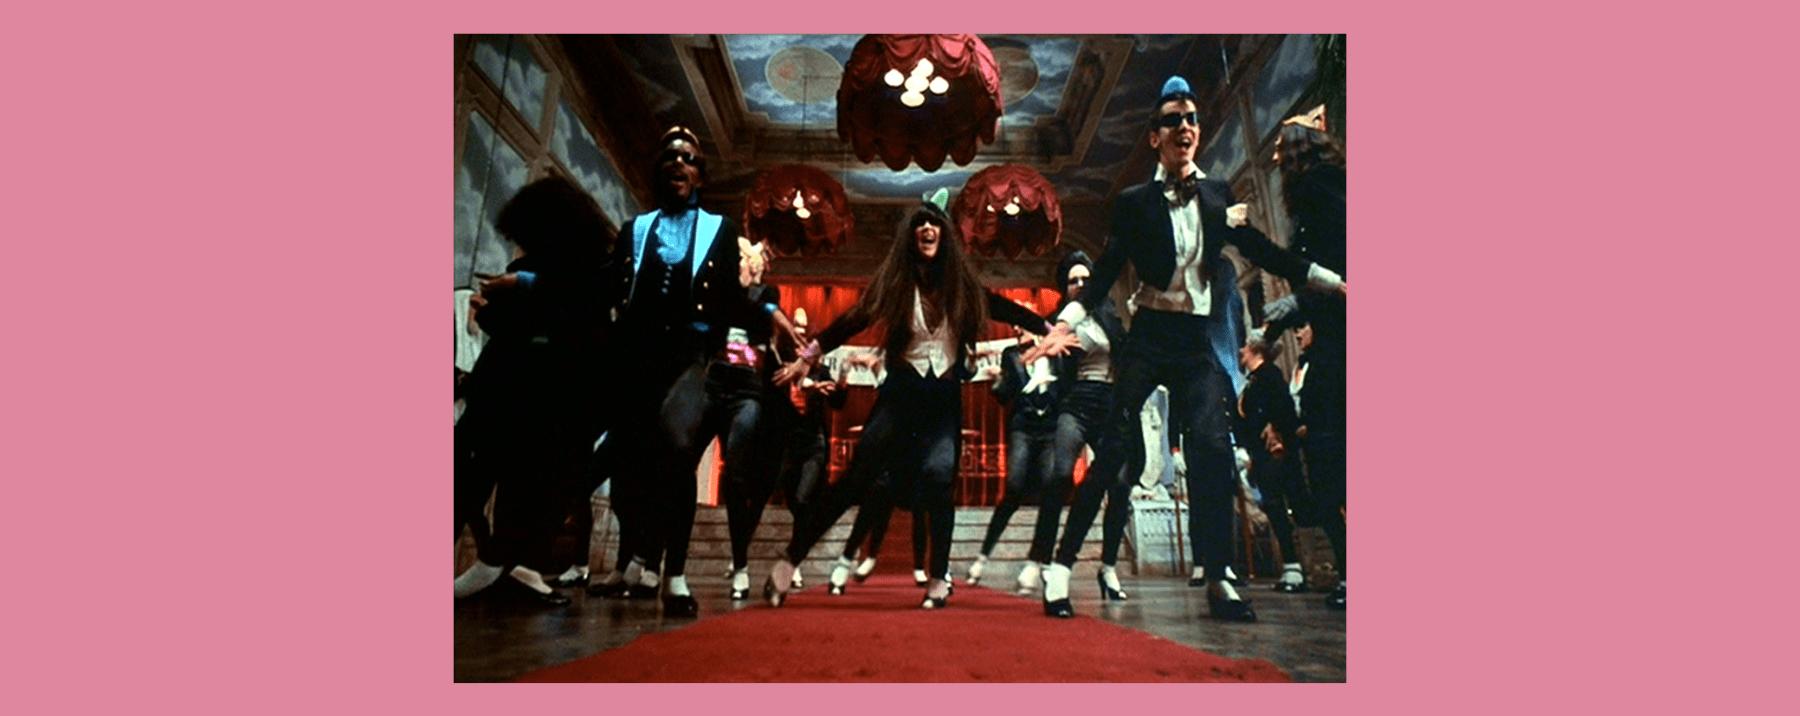 Fotograma de la canción Time Warp de la película The Rocky Horror Picture Show.